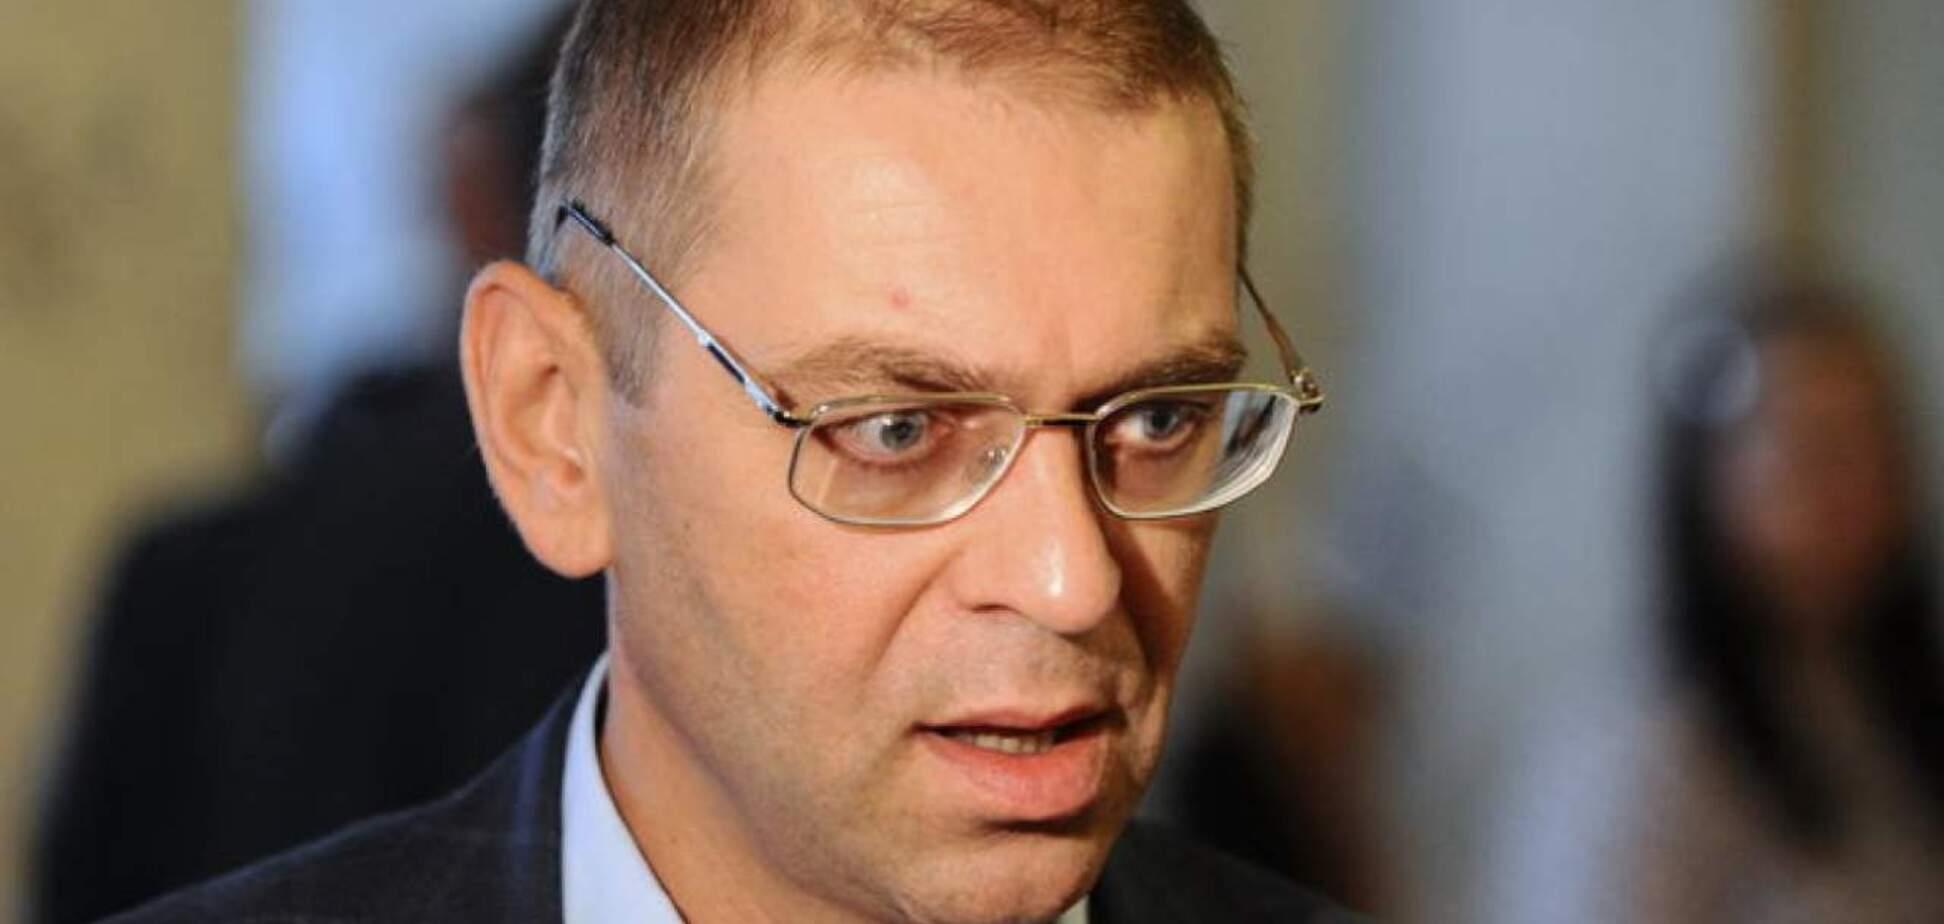 Угрожал убийством: на Пашинского завели новое дело